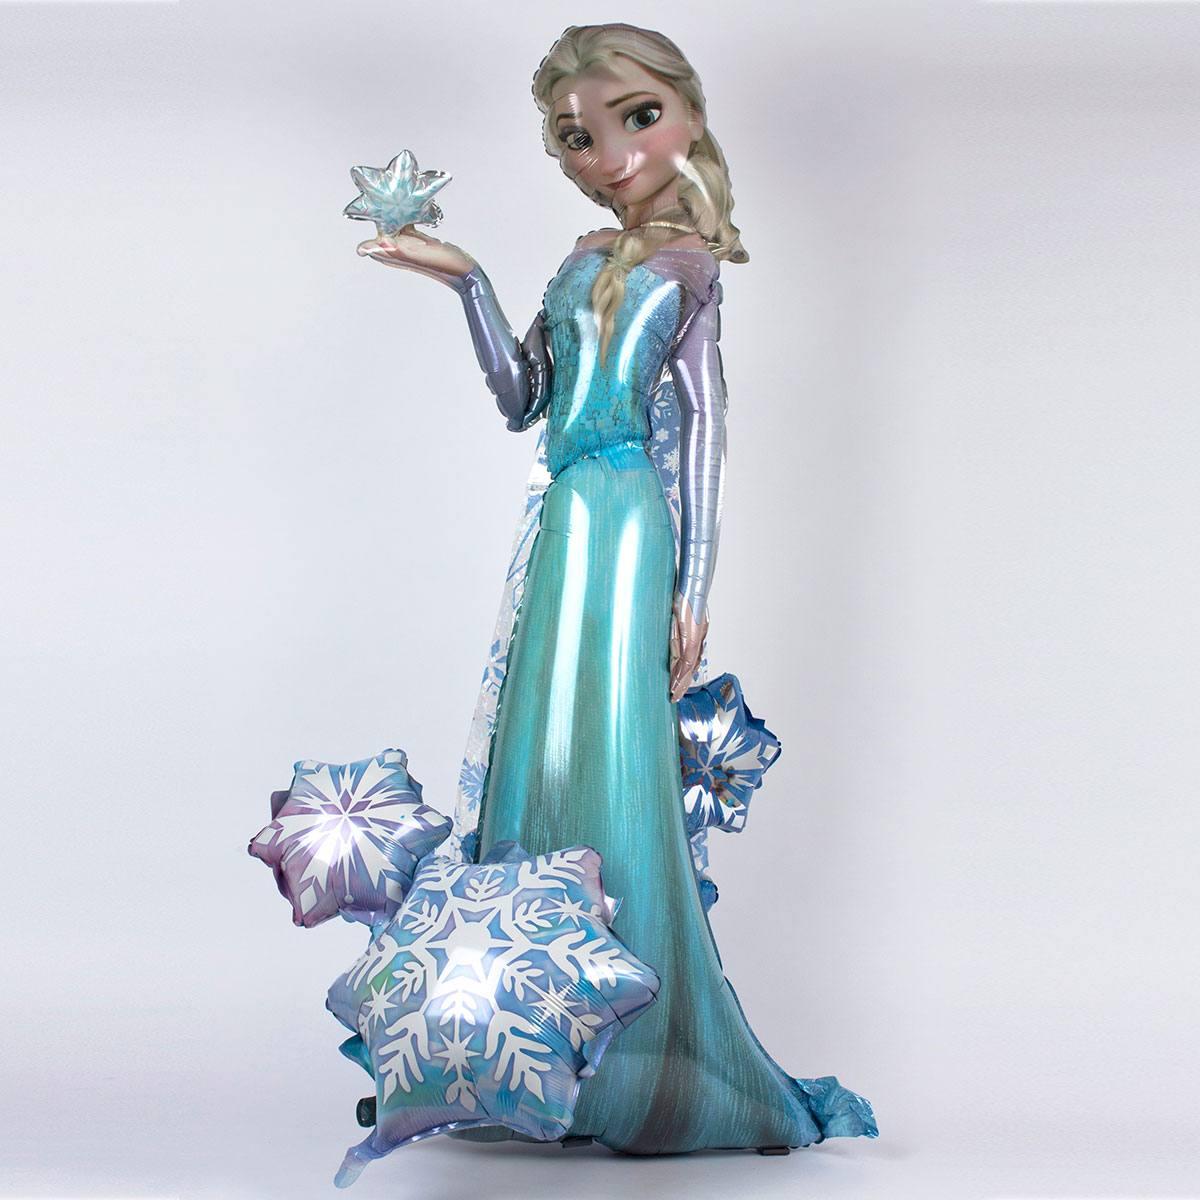 Шар ходячий Принцесса Эльза, Холодное сердце, 84см